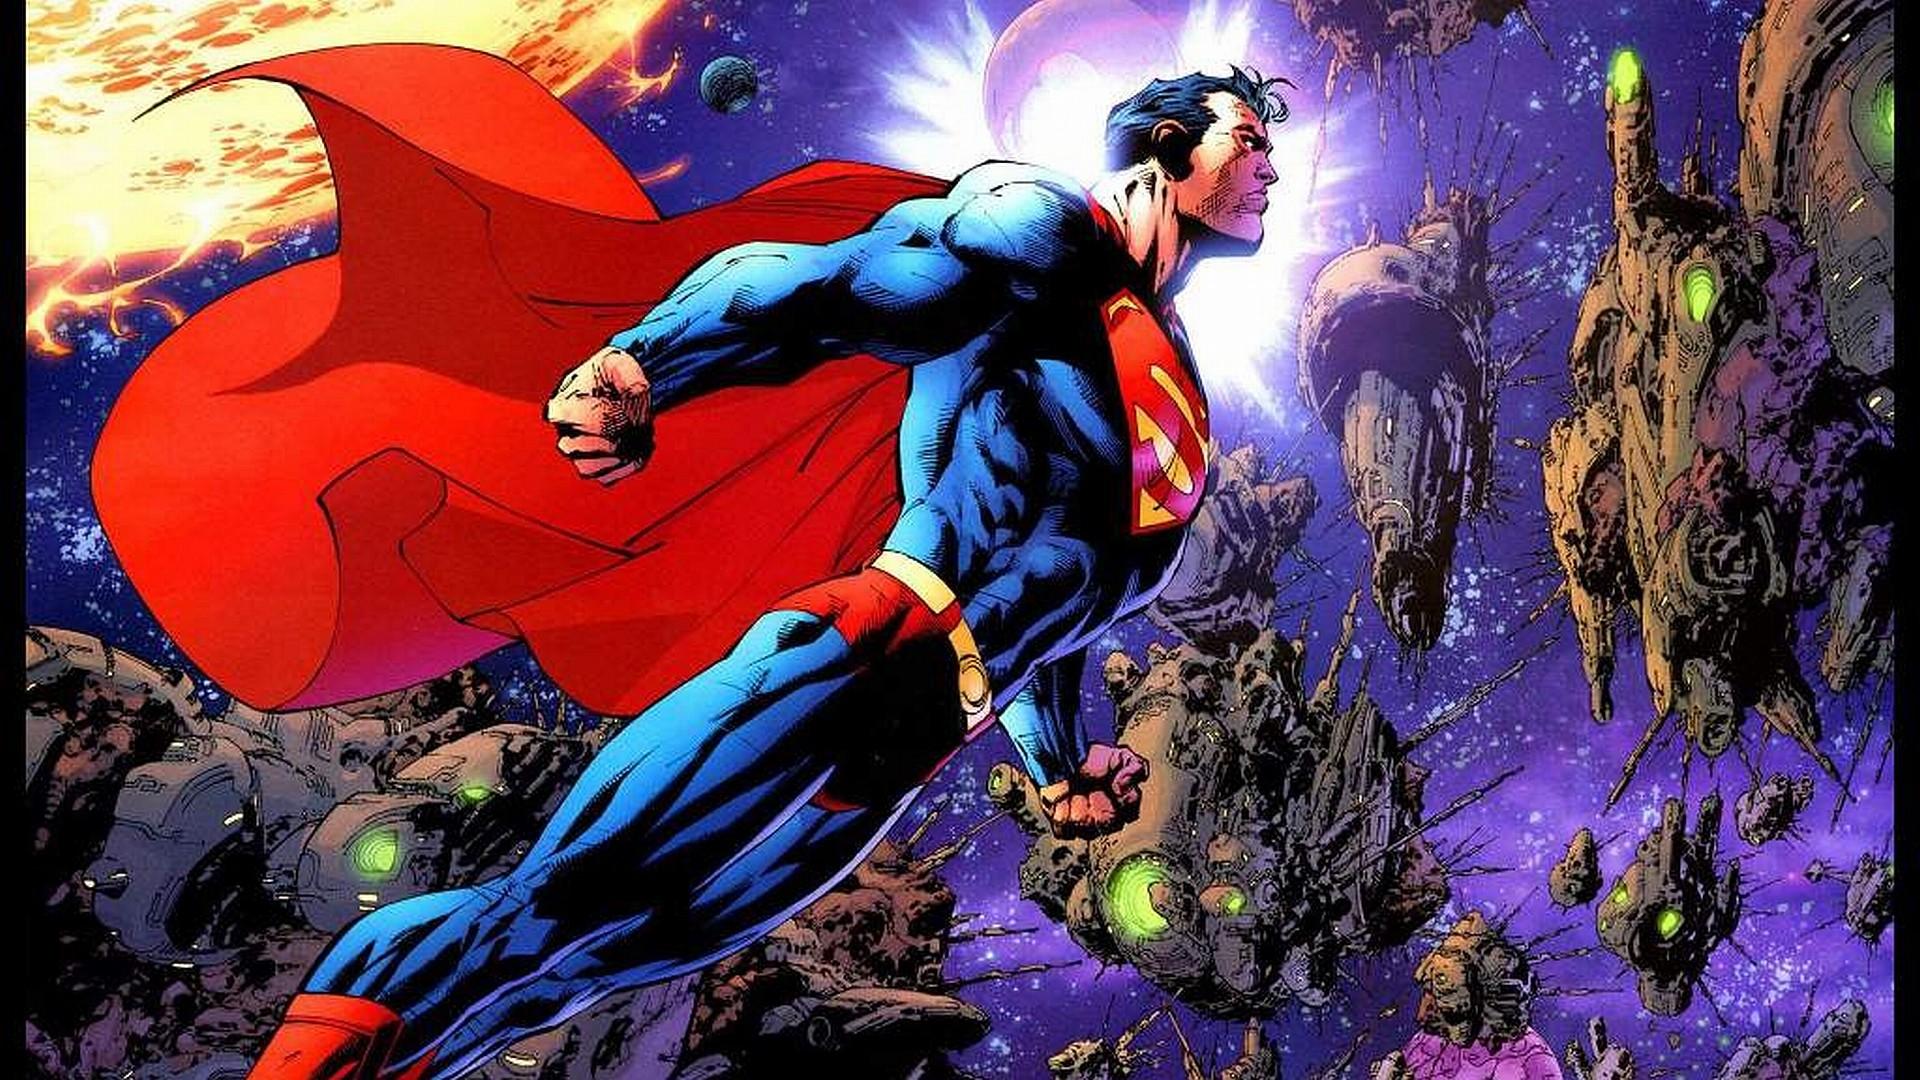 Res: 1920x1080, Comics - Superman Wallpaper